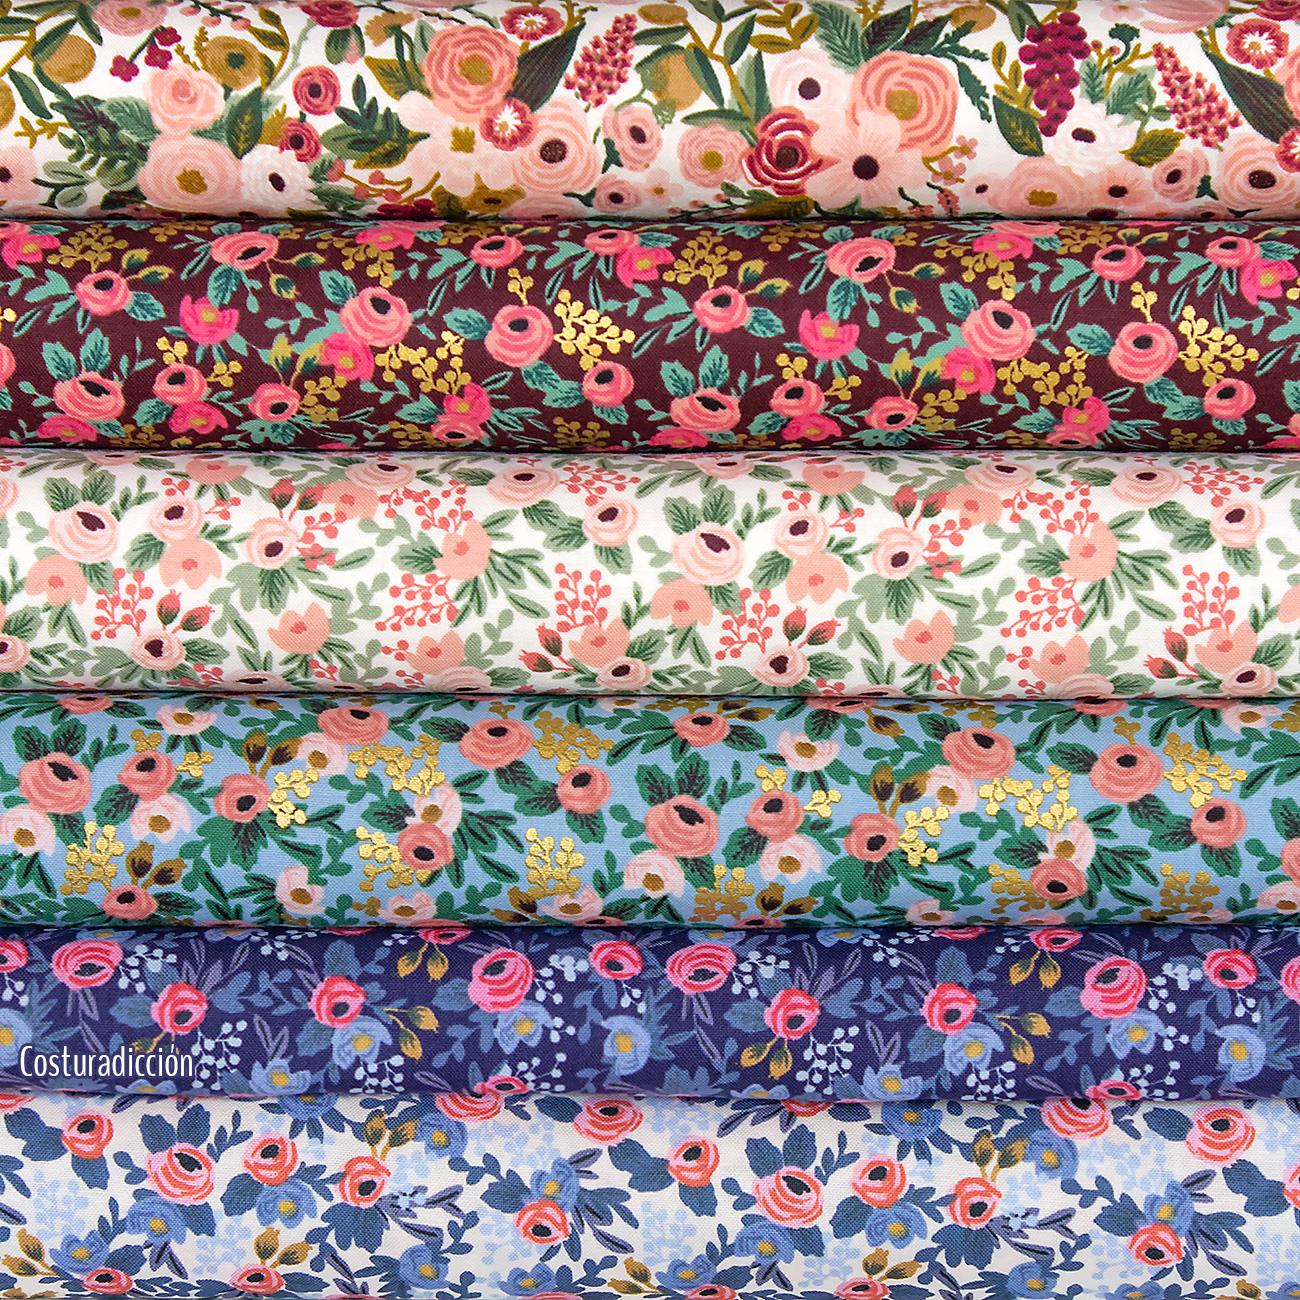 Imagen de producto: https://tienda.costuradiccion.com/img/articulos/secundarias14543-tela-rifle-paper-garden-party-chambray-azul-con-metalizado-algodon-50-x-55-cm-6.jpg